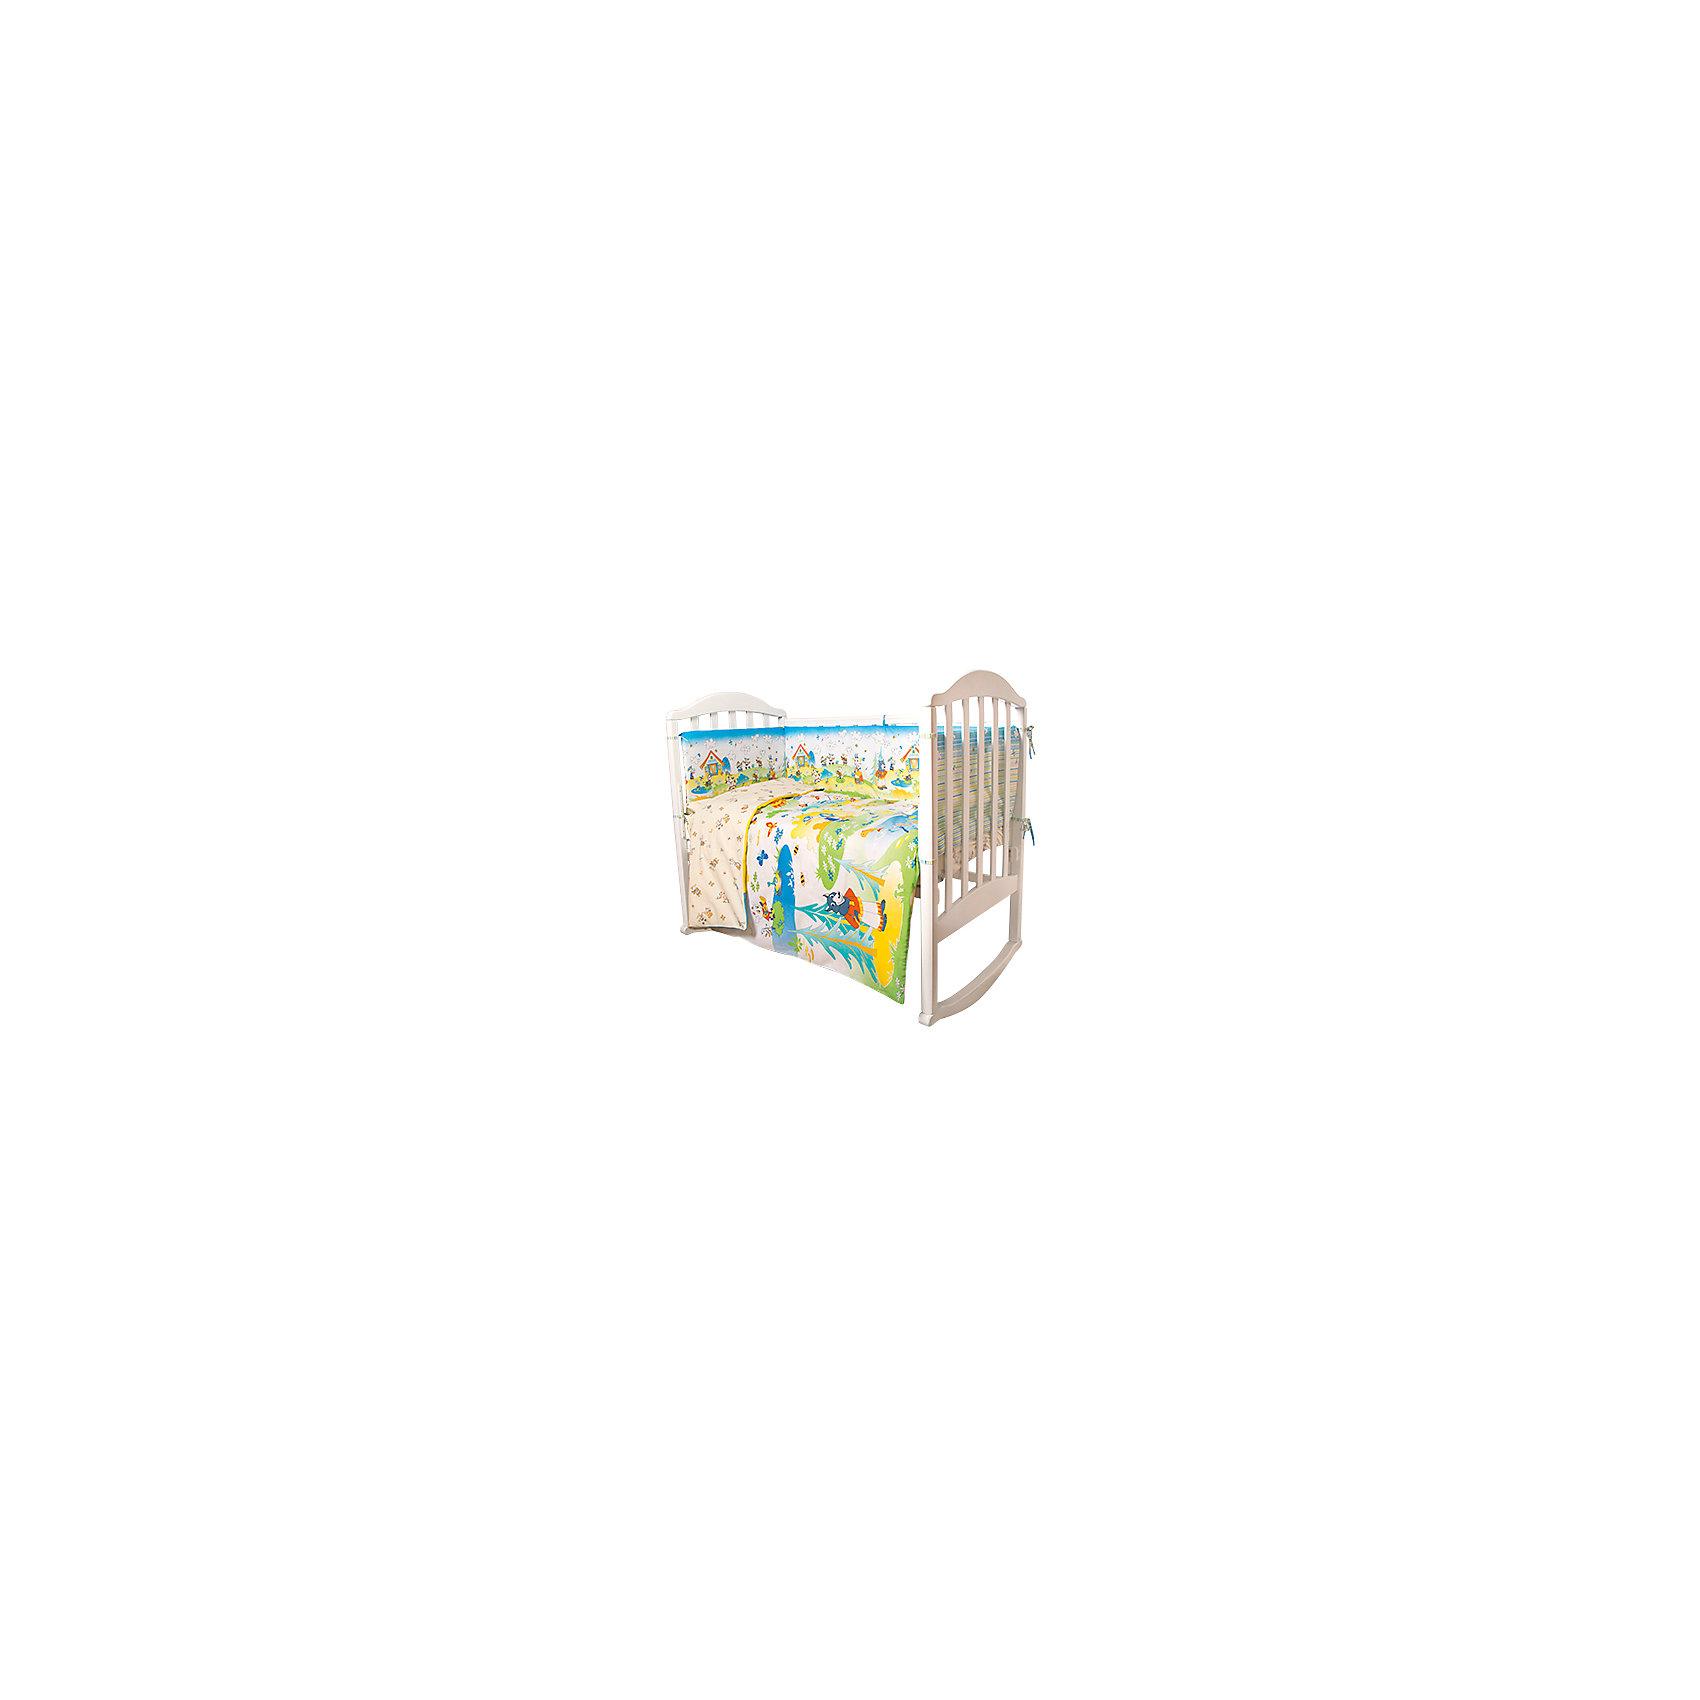 Постельное белье Семеро козлят Сказки 6 пред., Baby Nice, желтыйПостельное бельё<br>Малыши требуют особой заботы. Постельное белье для них должно быть качественным и безопасным. Этот комплект обеспечит малышу комфорт и тепло в кроватке. Он украшен симпатичным принтом.<br>Набор сшит из натуральной дышащего материала - хлопка, мягкого и приятного на ощупь. Она не вызывает аллергии, что особенно важно для малышей. Также материал обеспечит хорошую терморегуляцию. Комплект сделан из высококачественных материалов, безопасных для ребенка.<br><br>Дополнительная информация:<br><br>цвет: голубой;<br>материал: 100% хлопок, наполнитель - файбер;<br>комплектация: простыня 112 х 147 см, пододеяльник 112 х 147 см, наволочка 40 х 60, борт( 120х35-2 шт., 60х35-2 шт.), одеяло 110 х 140 см, подушка 40 х 60 см.;<br>принт.<br><br>Постельное белье Семеро козлят Сказки 6 пред., от компании Baby Nice можно купить в нашем магазине.<br><br>Ширина мм: 250<br>Глубина мм: 600<br>Высота мм: 450<br>Вес г: 1200<br>Возраст от месяцев: 0<br>Возраст до месяцев: 36<br>Пол: Унисекс<br>Возраст: Детский<br>SKU: 4941794